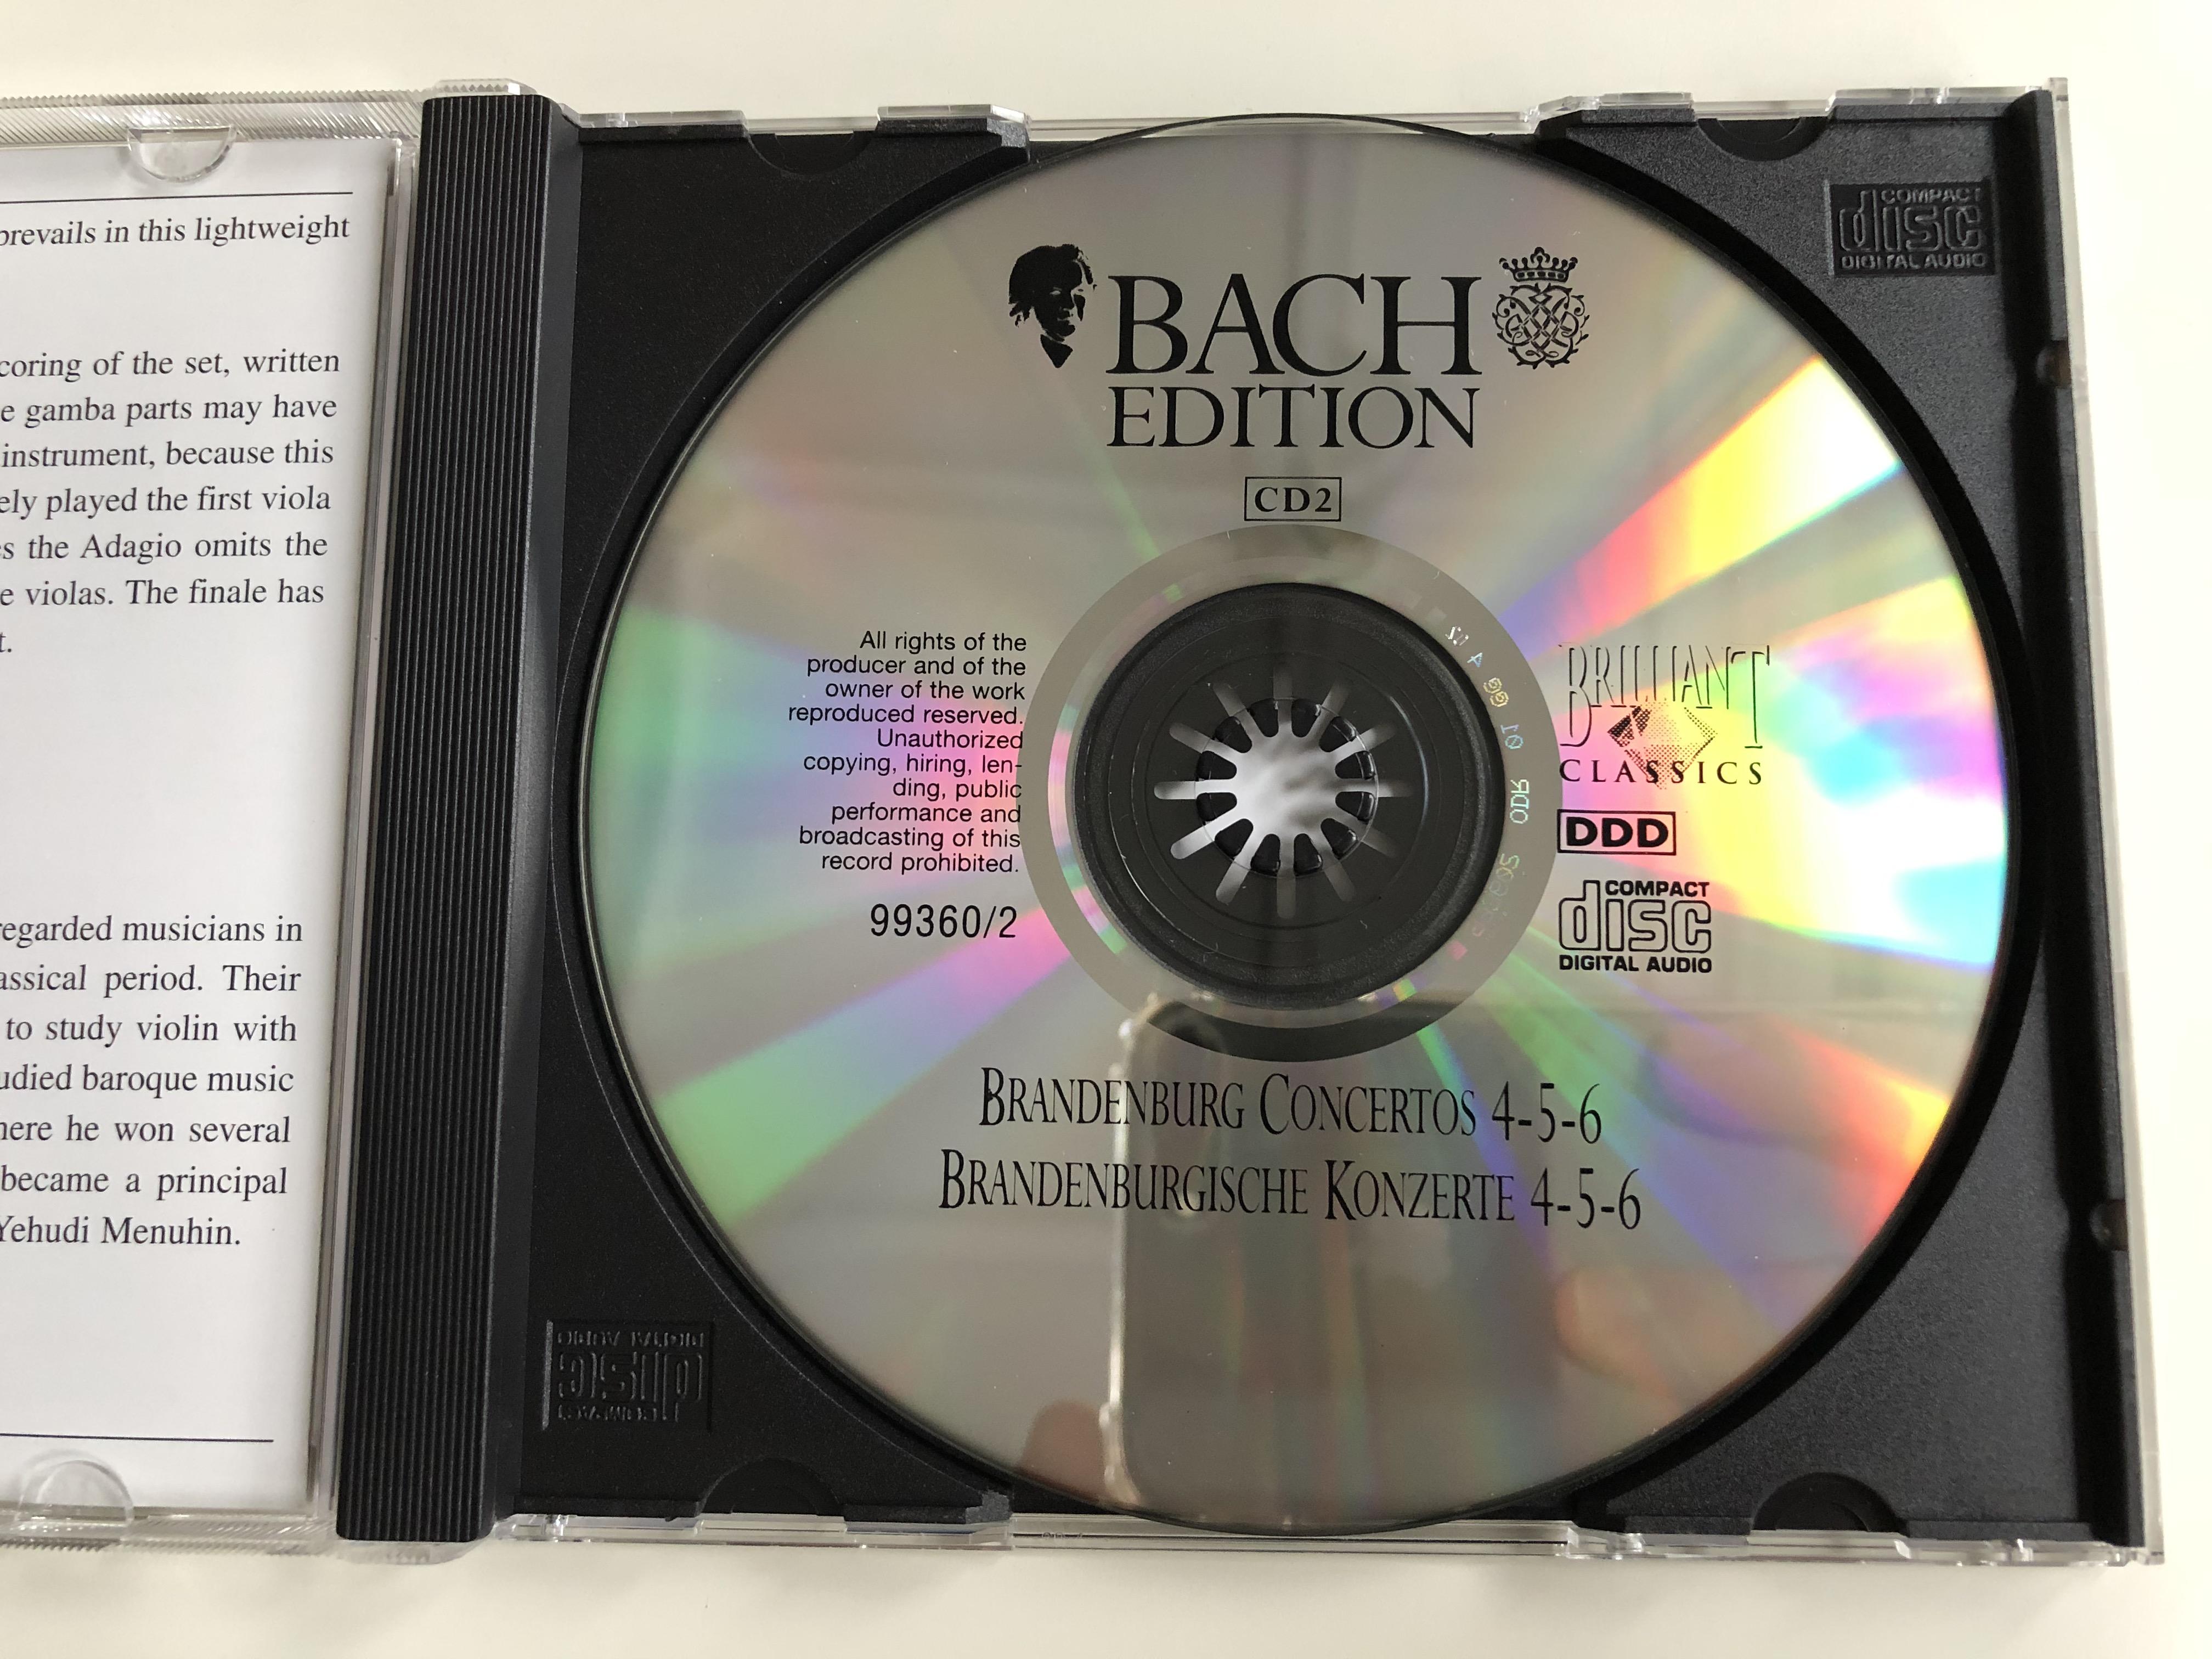 bach-edition-brandenburg-concertos-4-5-6-brandenburgische-konzerte-4-5-6-brilliant-classics-audio-cd-993602-3-.jpg